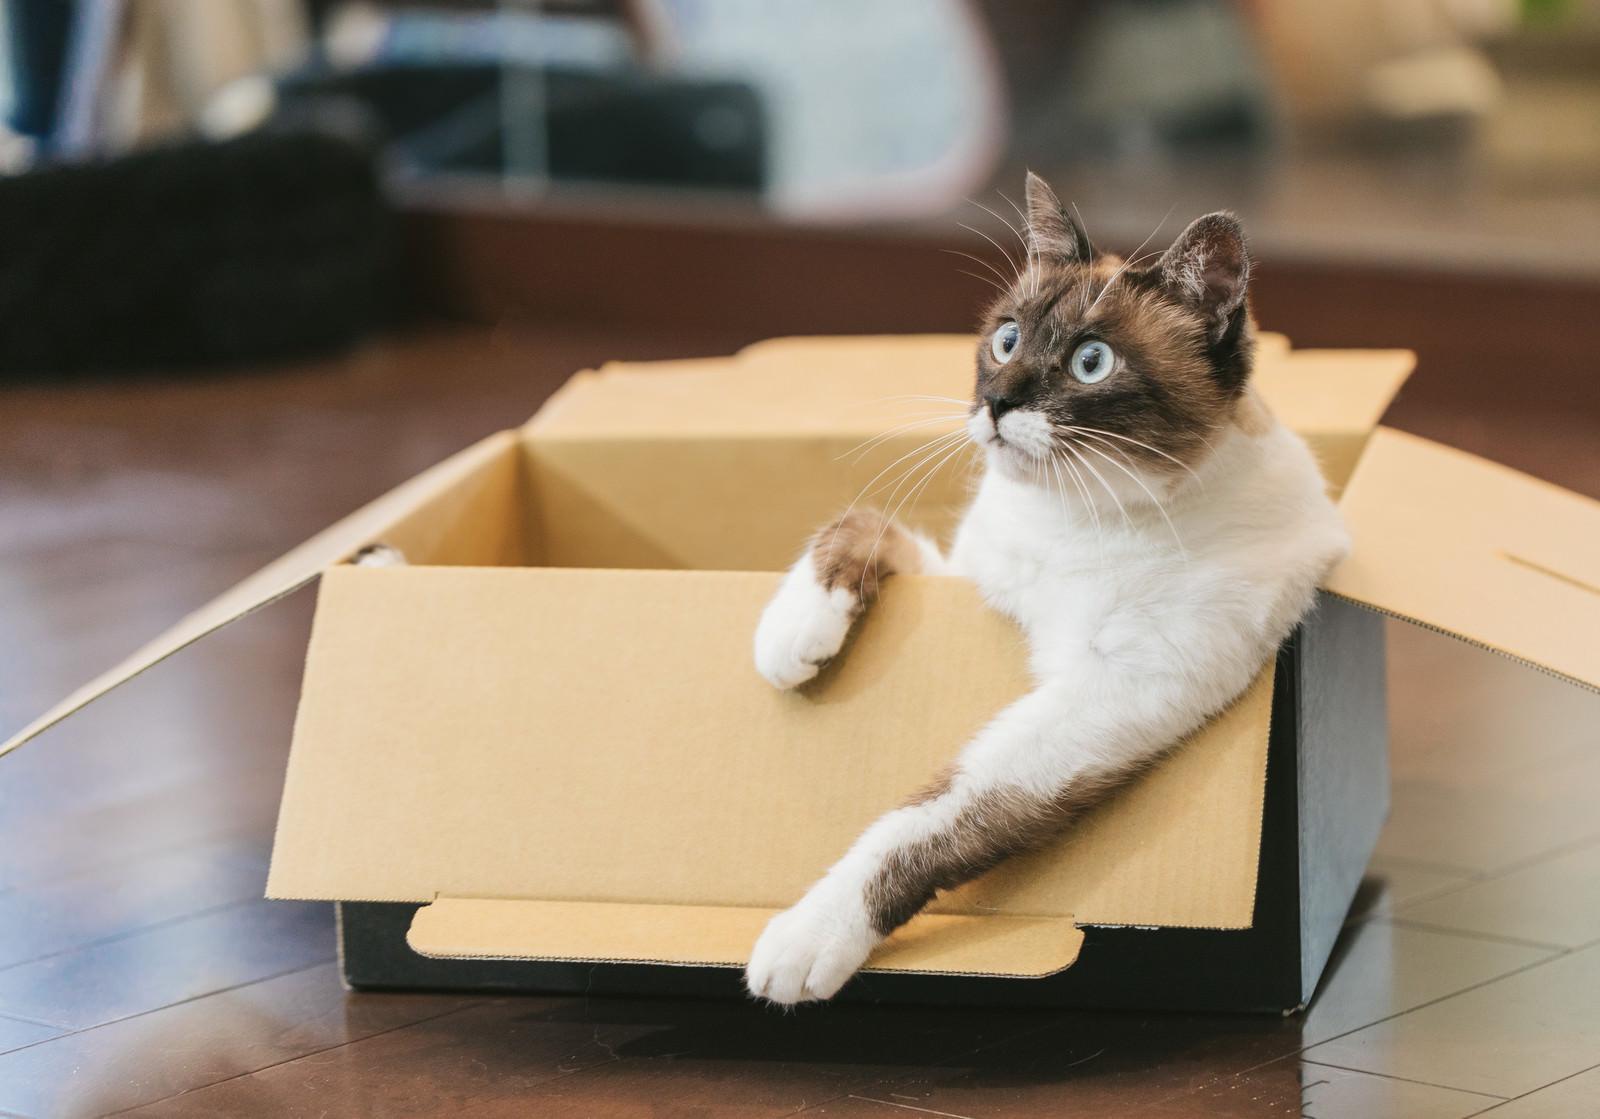 「ダンボール箱でくつろぐ猫ダンボール箱でくつろぐ猫」のフリー写真素材を拡大